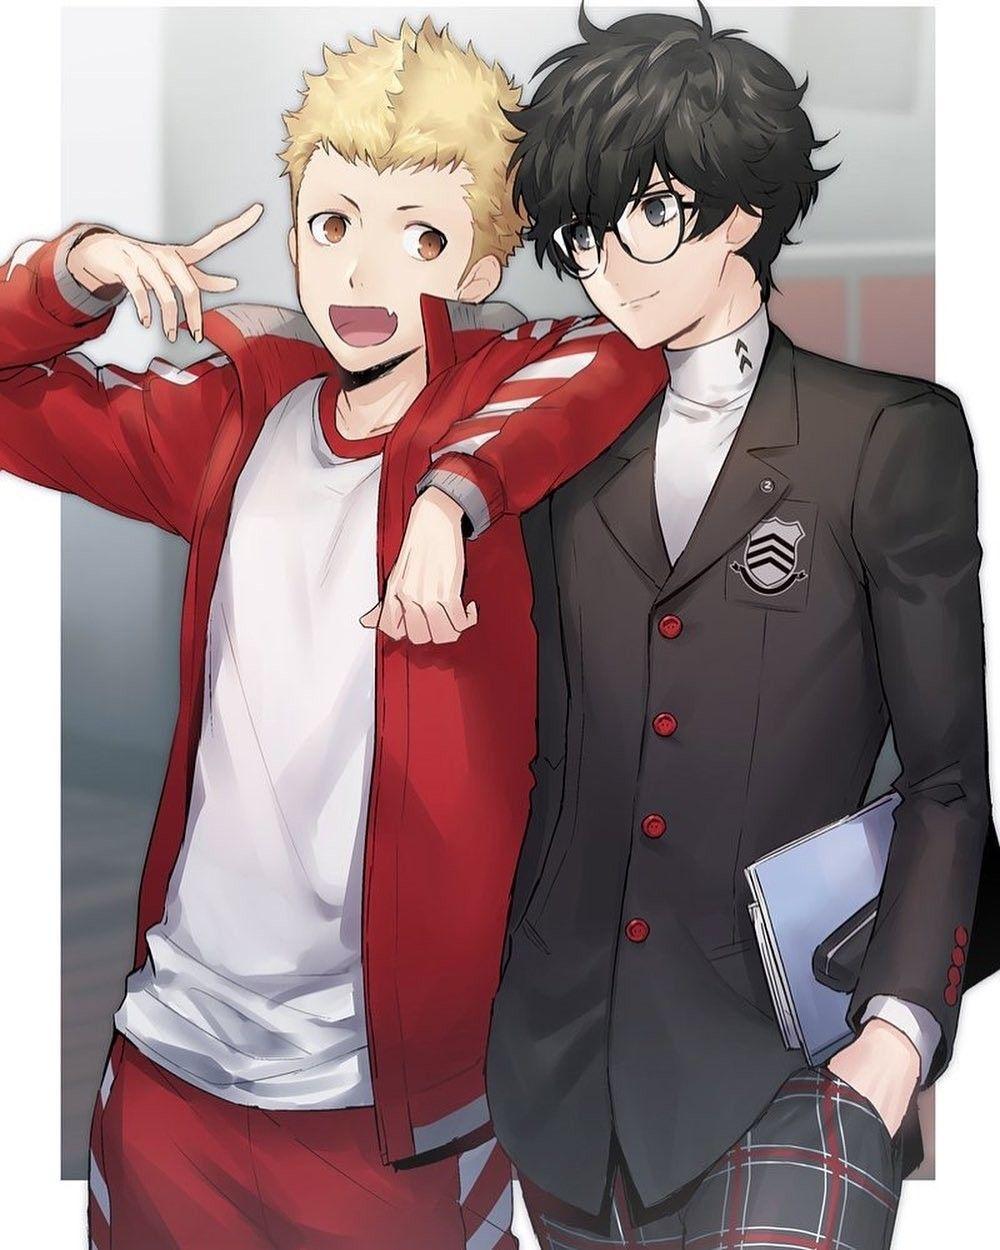 雨宮蓮、竜司 (With images) Persona 5, Akira kurusu, Persona